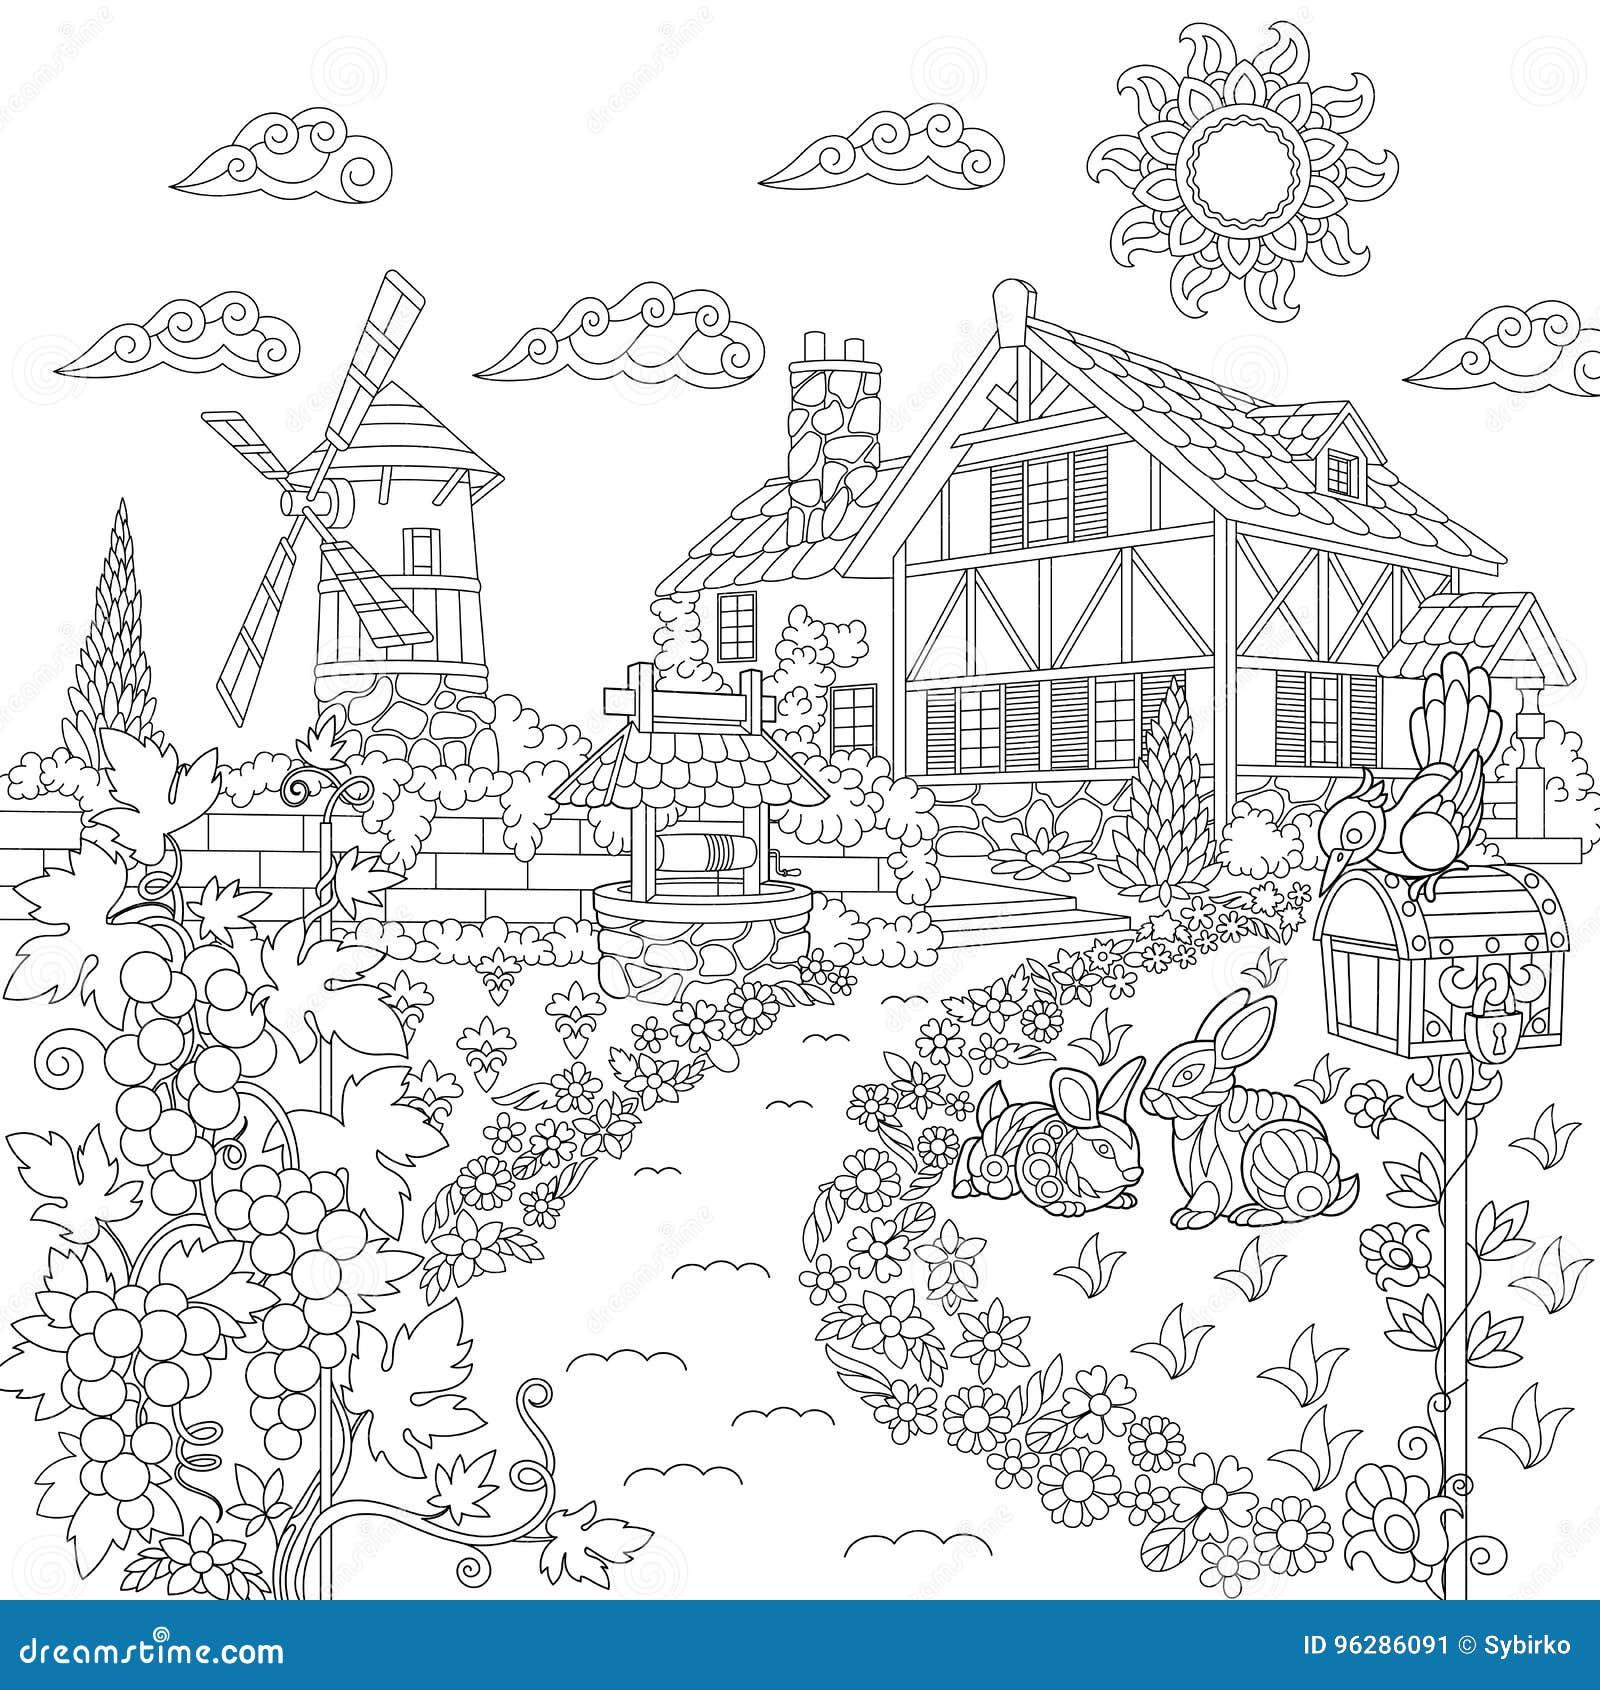 Zentangle Stylized Countryside Scene Stock Vector